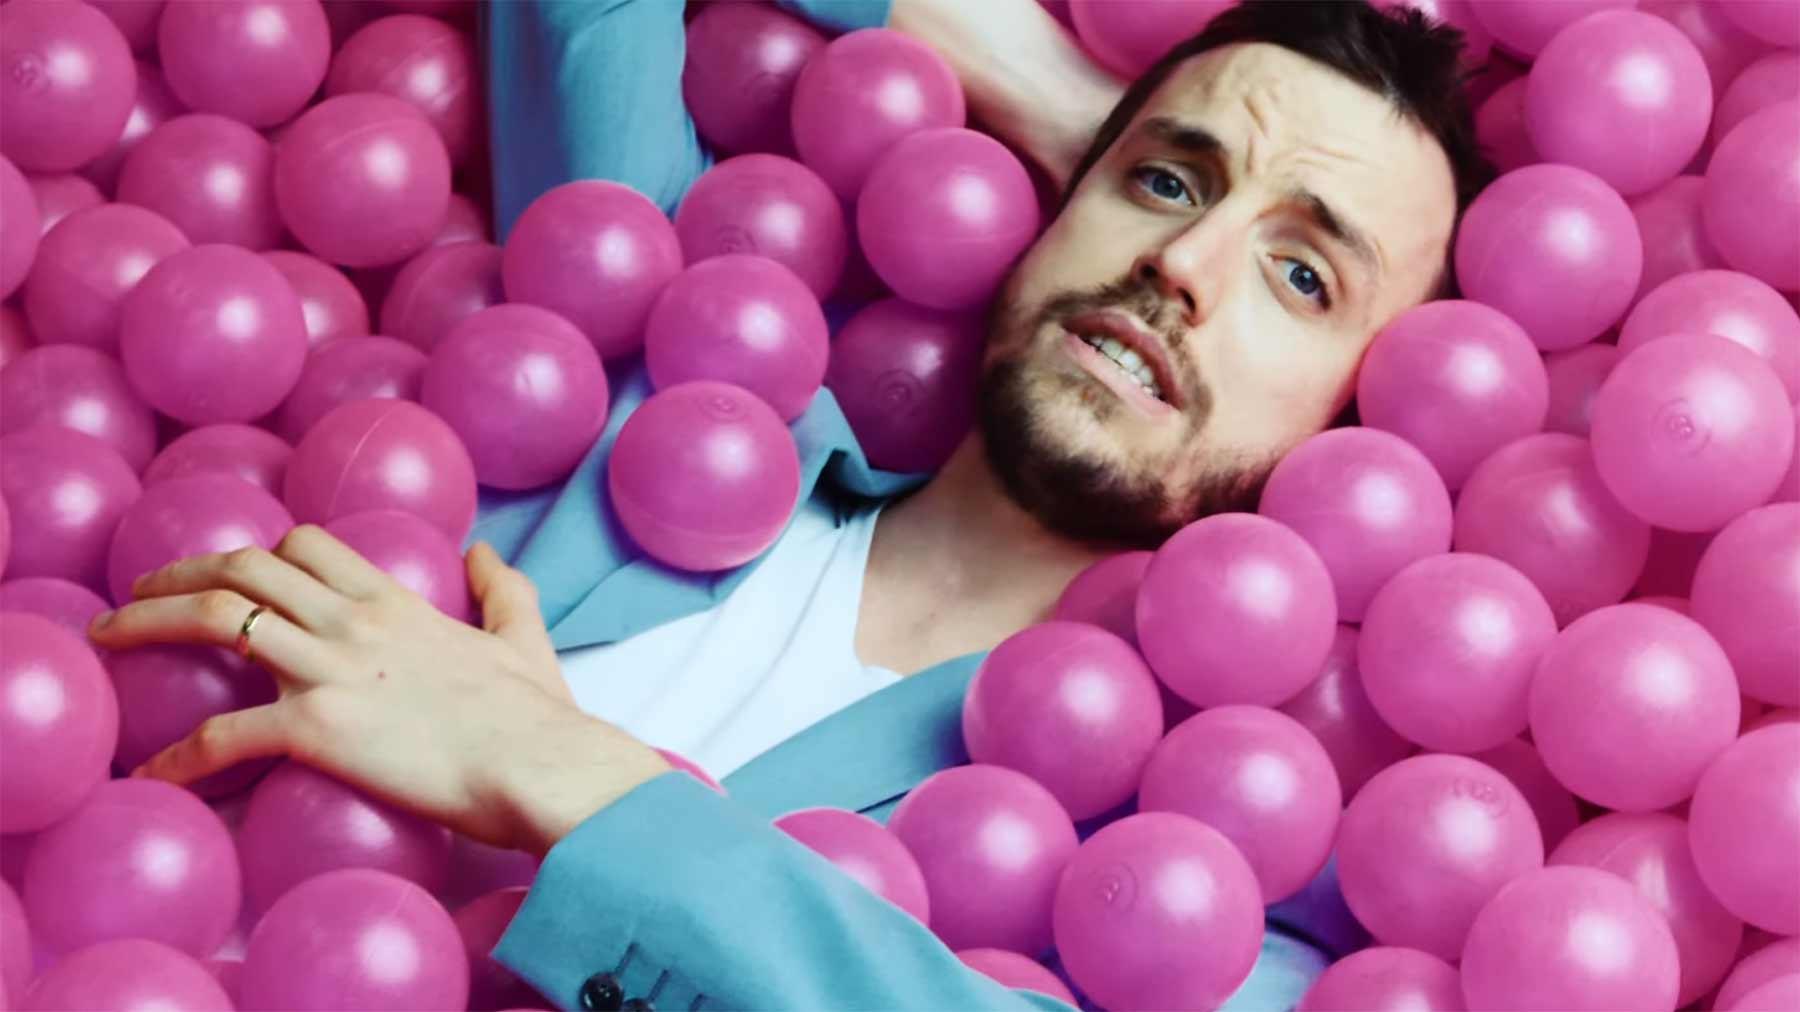 """Neues Musikvideo: Das Lumpenpack - """"HausKindBaum"""" Das-Lumpenpack-HausKindBaum-Musikvideo"""